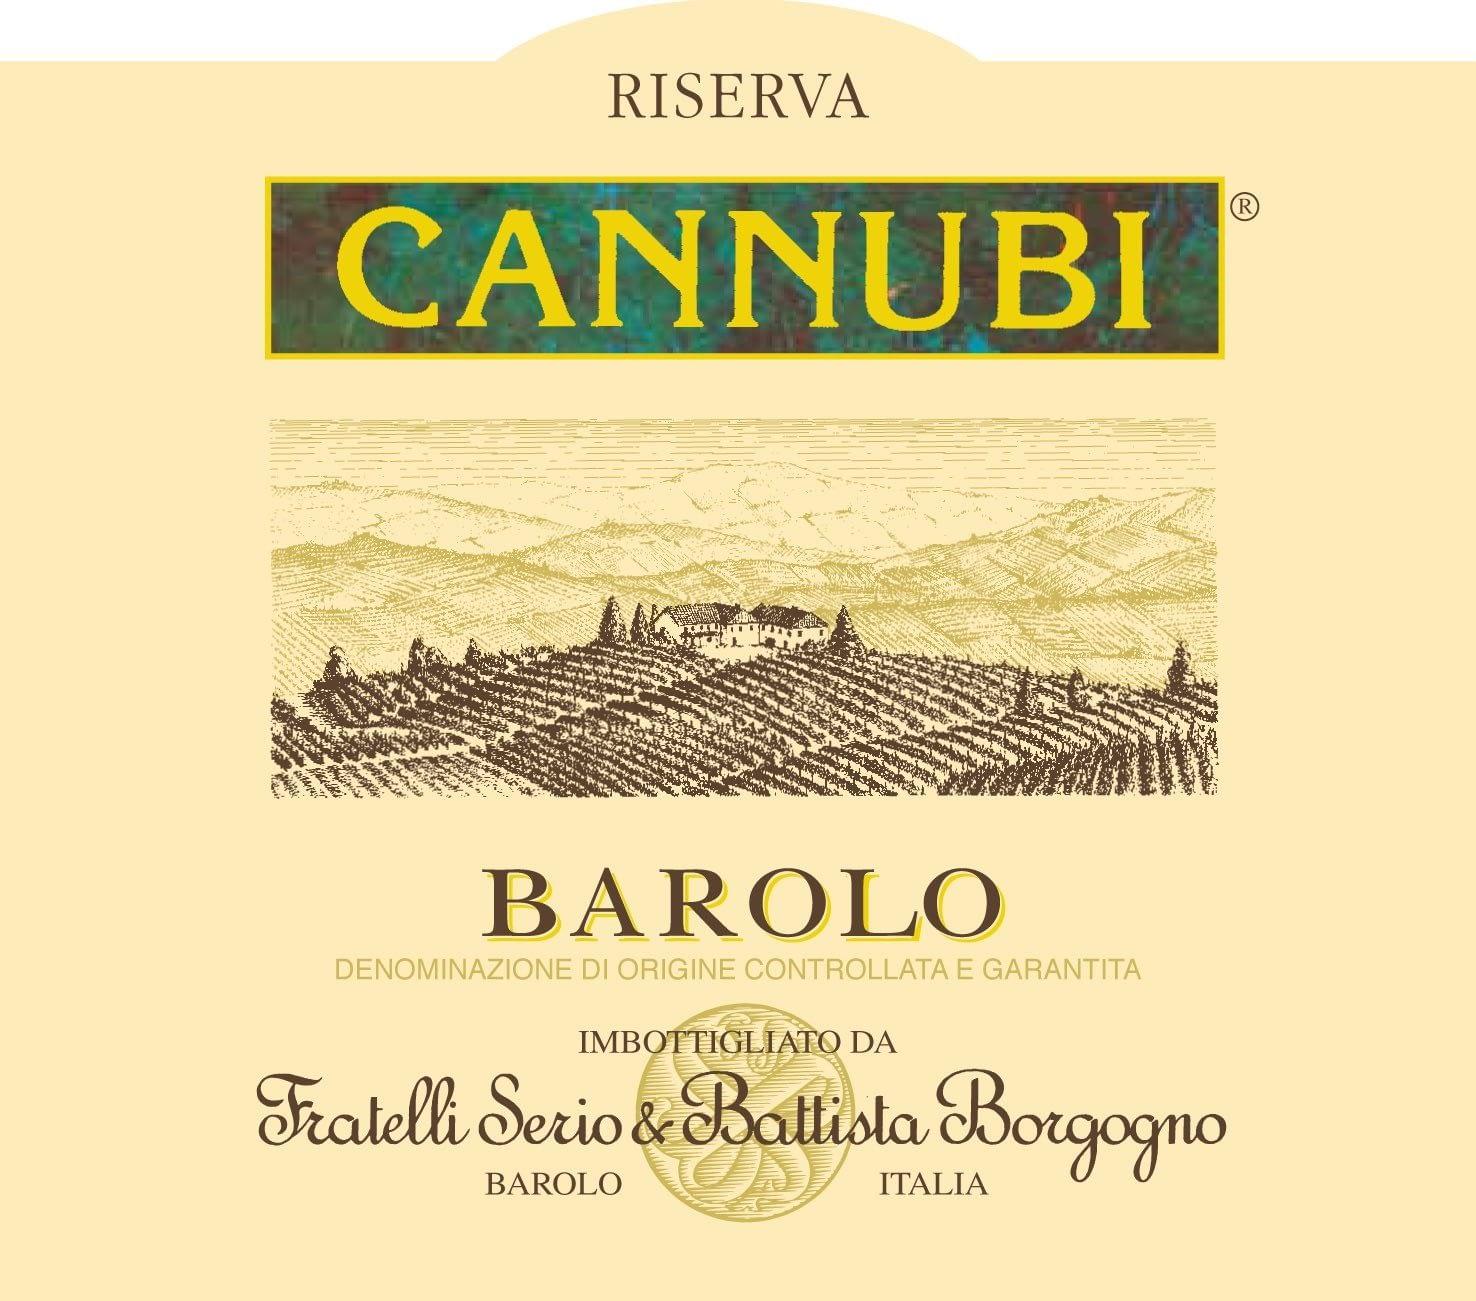 Battista Borgogno Barolo Cannubi Riserva Jeroboam 2009